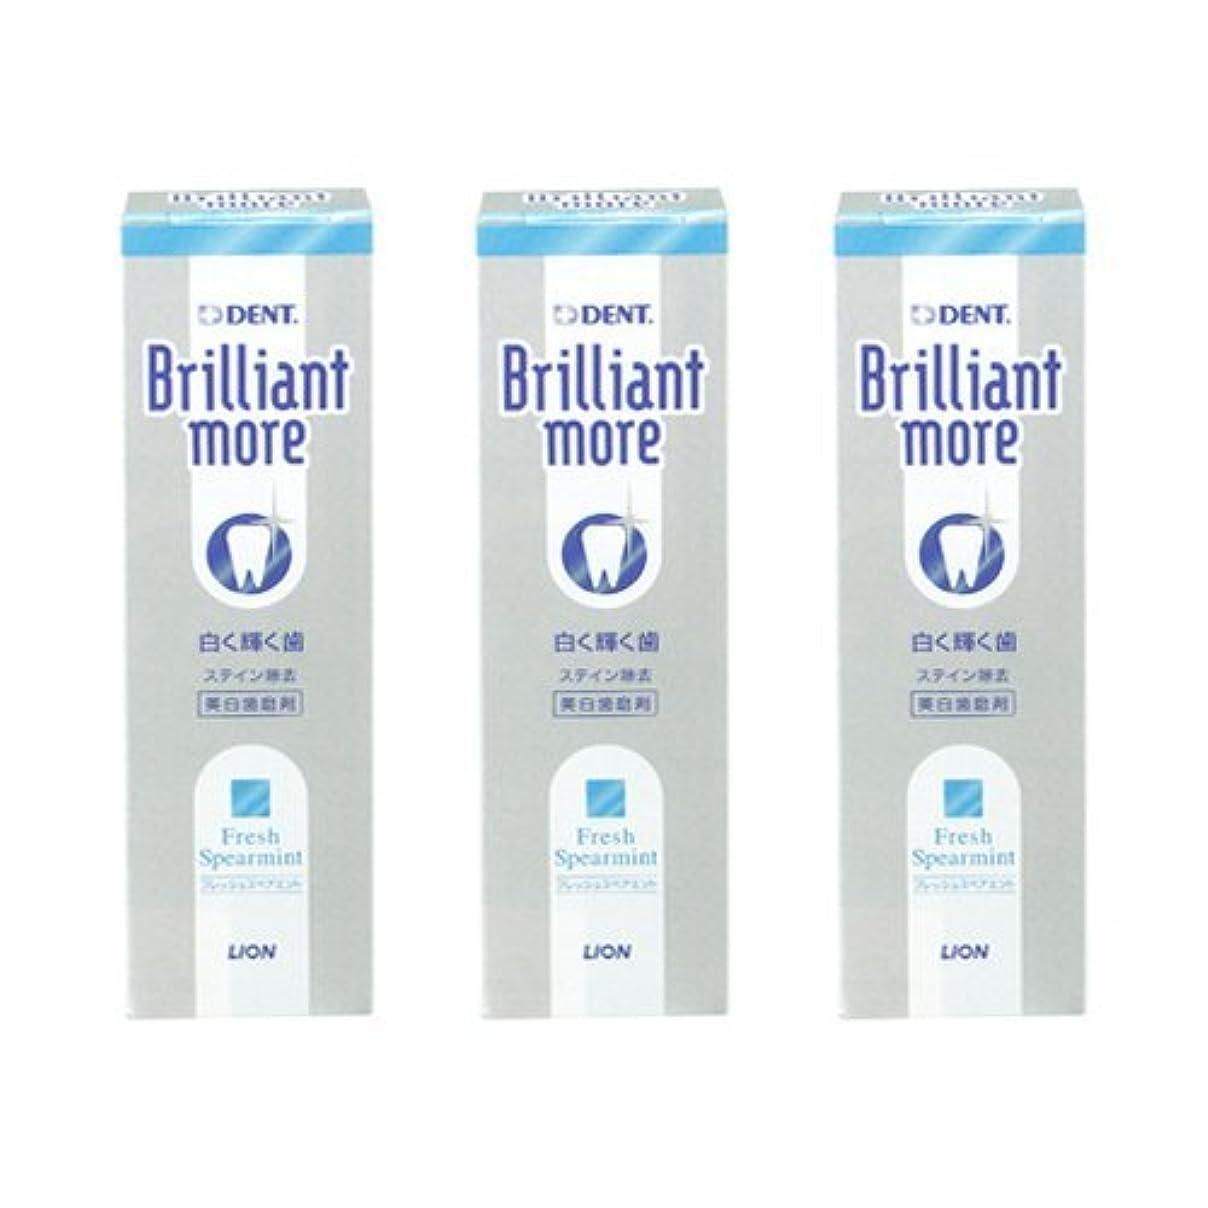 実現可能指定聴衆ライオン ブリリアントモア フレッシュスペアミント 3本セット 美白歯磨剤 LION Brilliant more